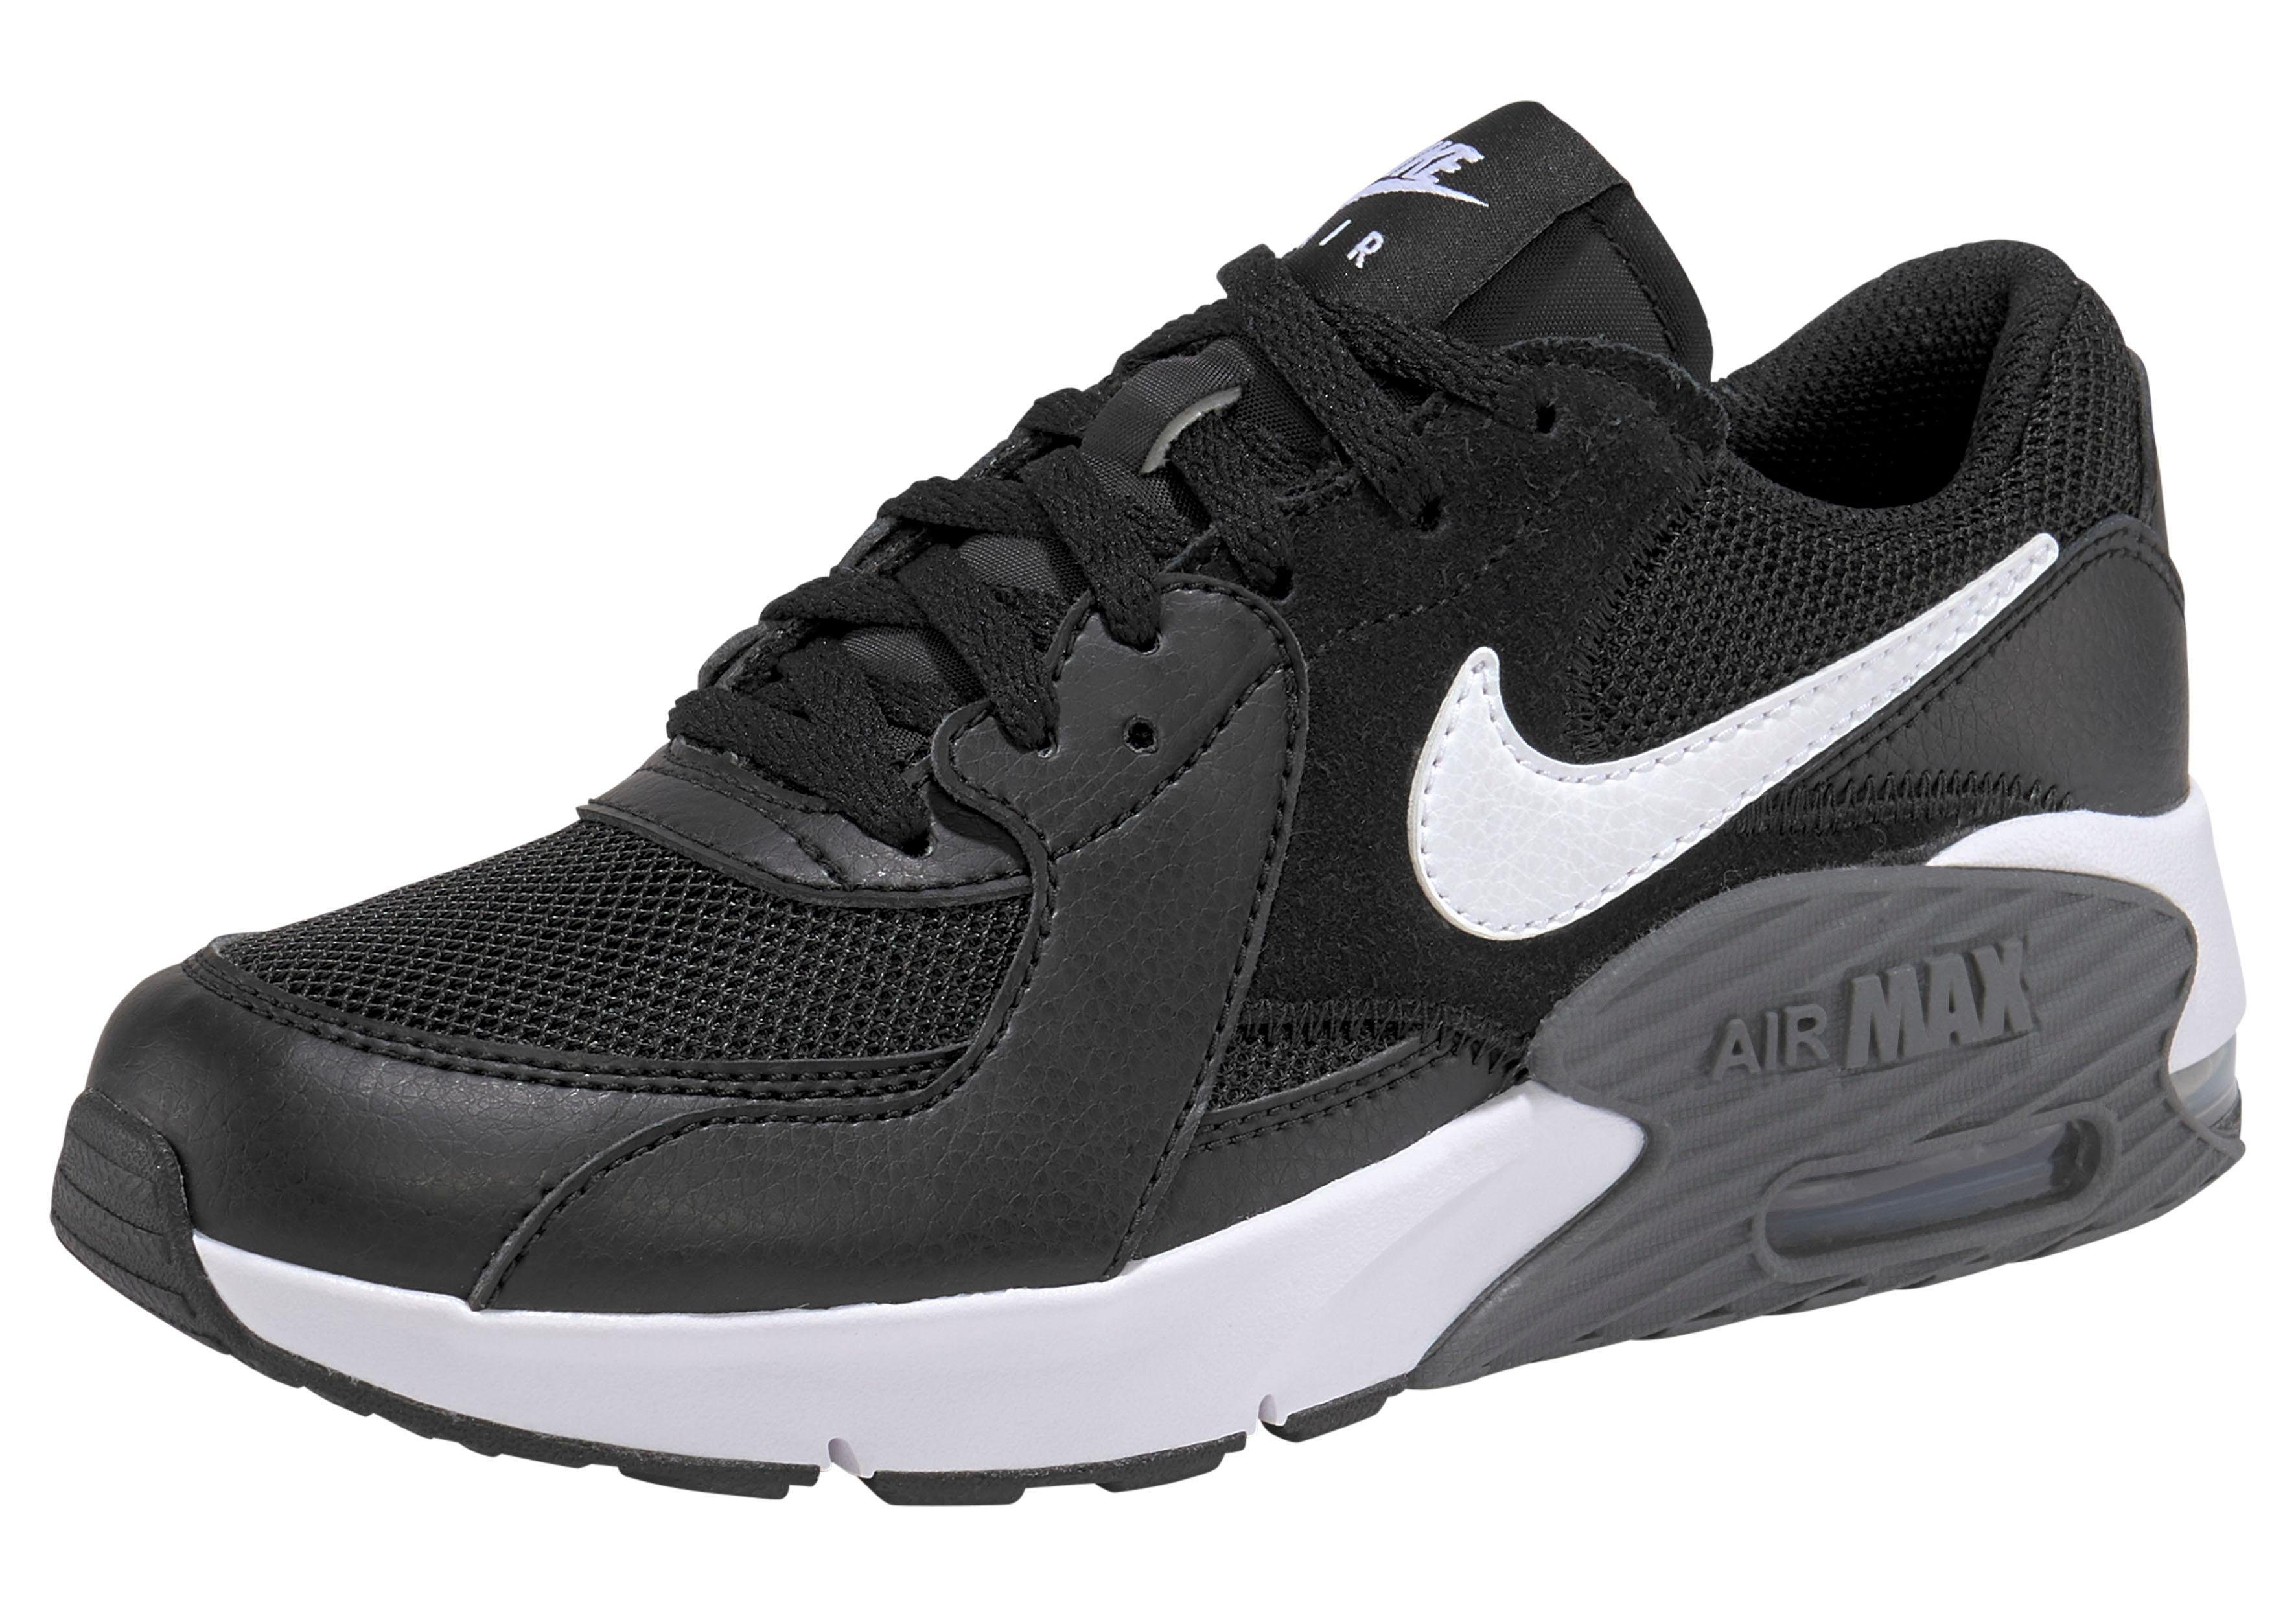 Nike Sportswear »Air Max Excee« Sneaker, Trendiger Sneaker von Nike Sportswear online kaufen | OTTO